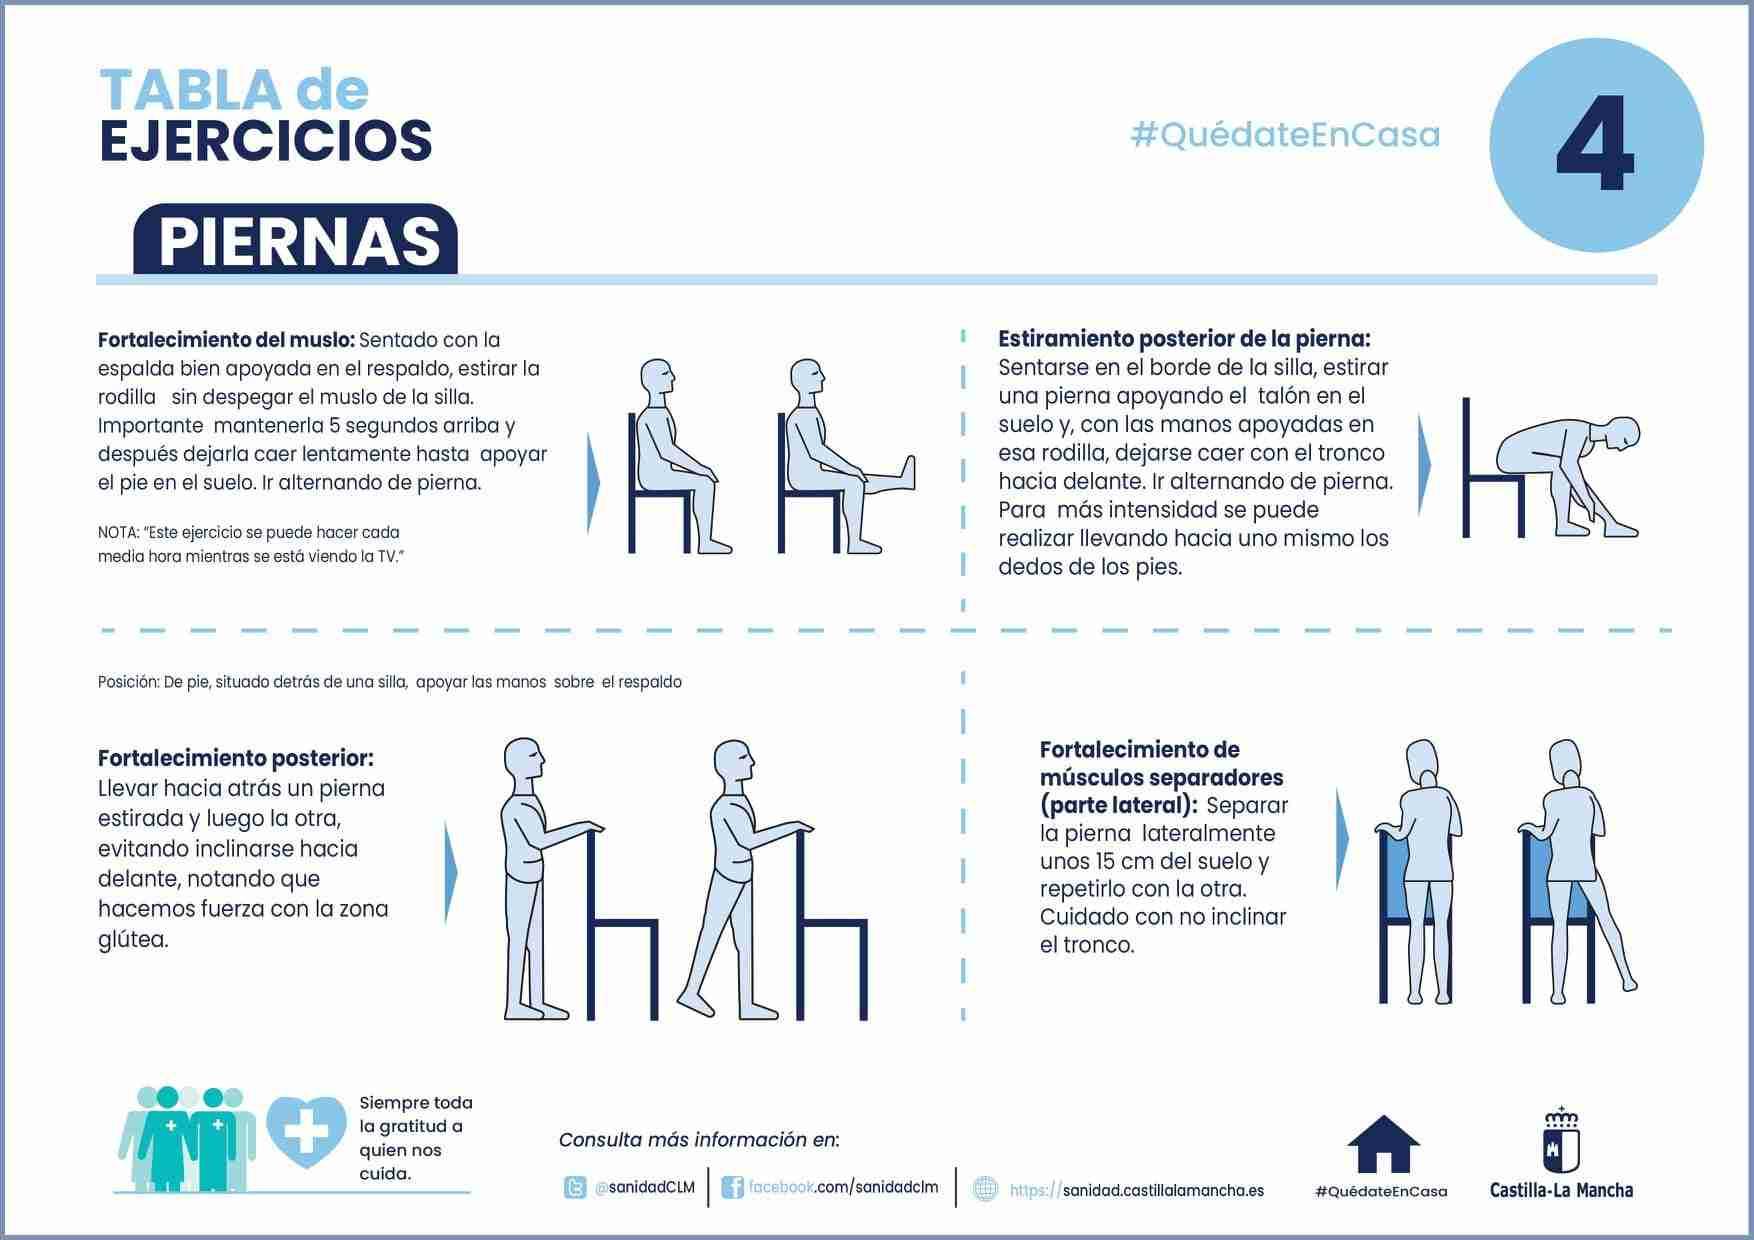 Ejercicios para mantenerse activo en casa durante el confinamiento. 14